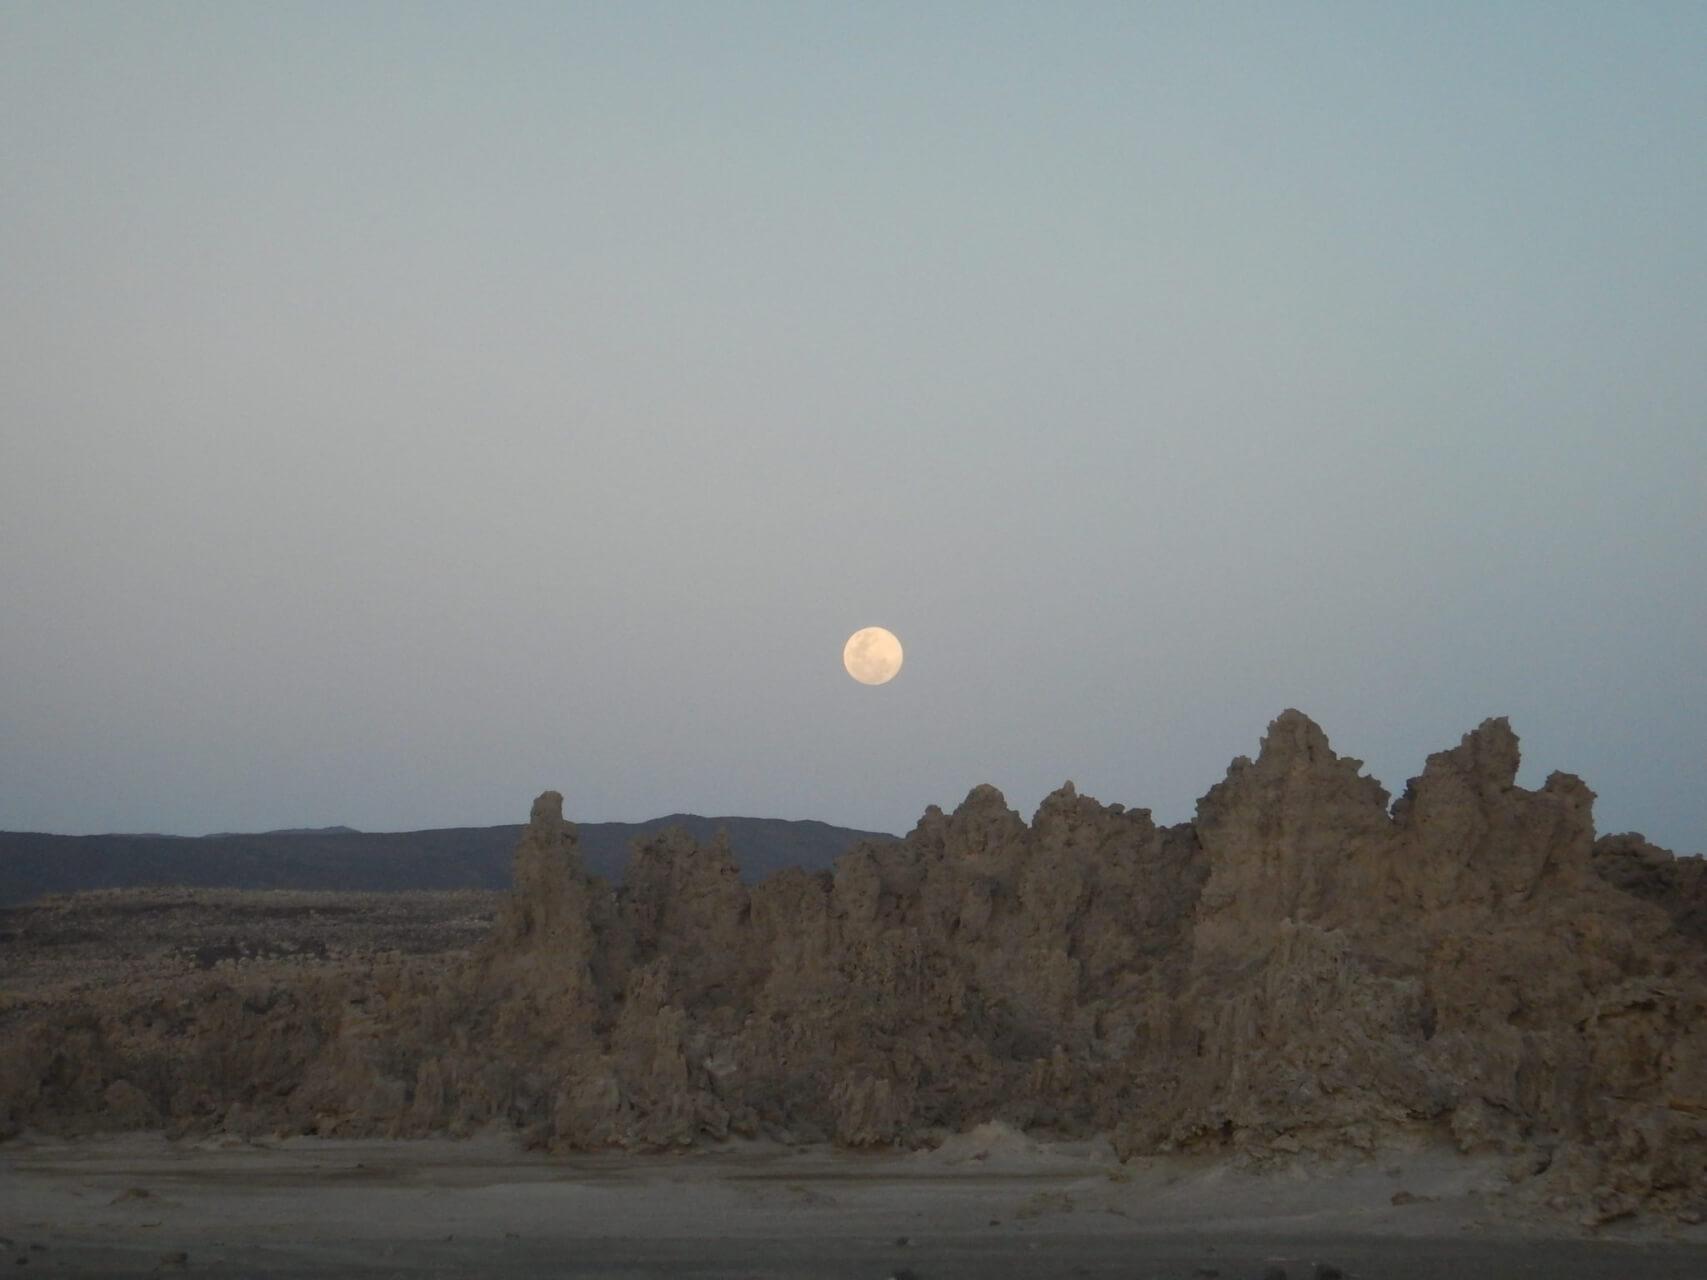 アフリカの小国 ジプチ 驚異の大地溝帯と紺碧の海